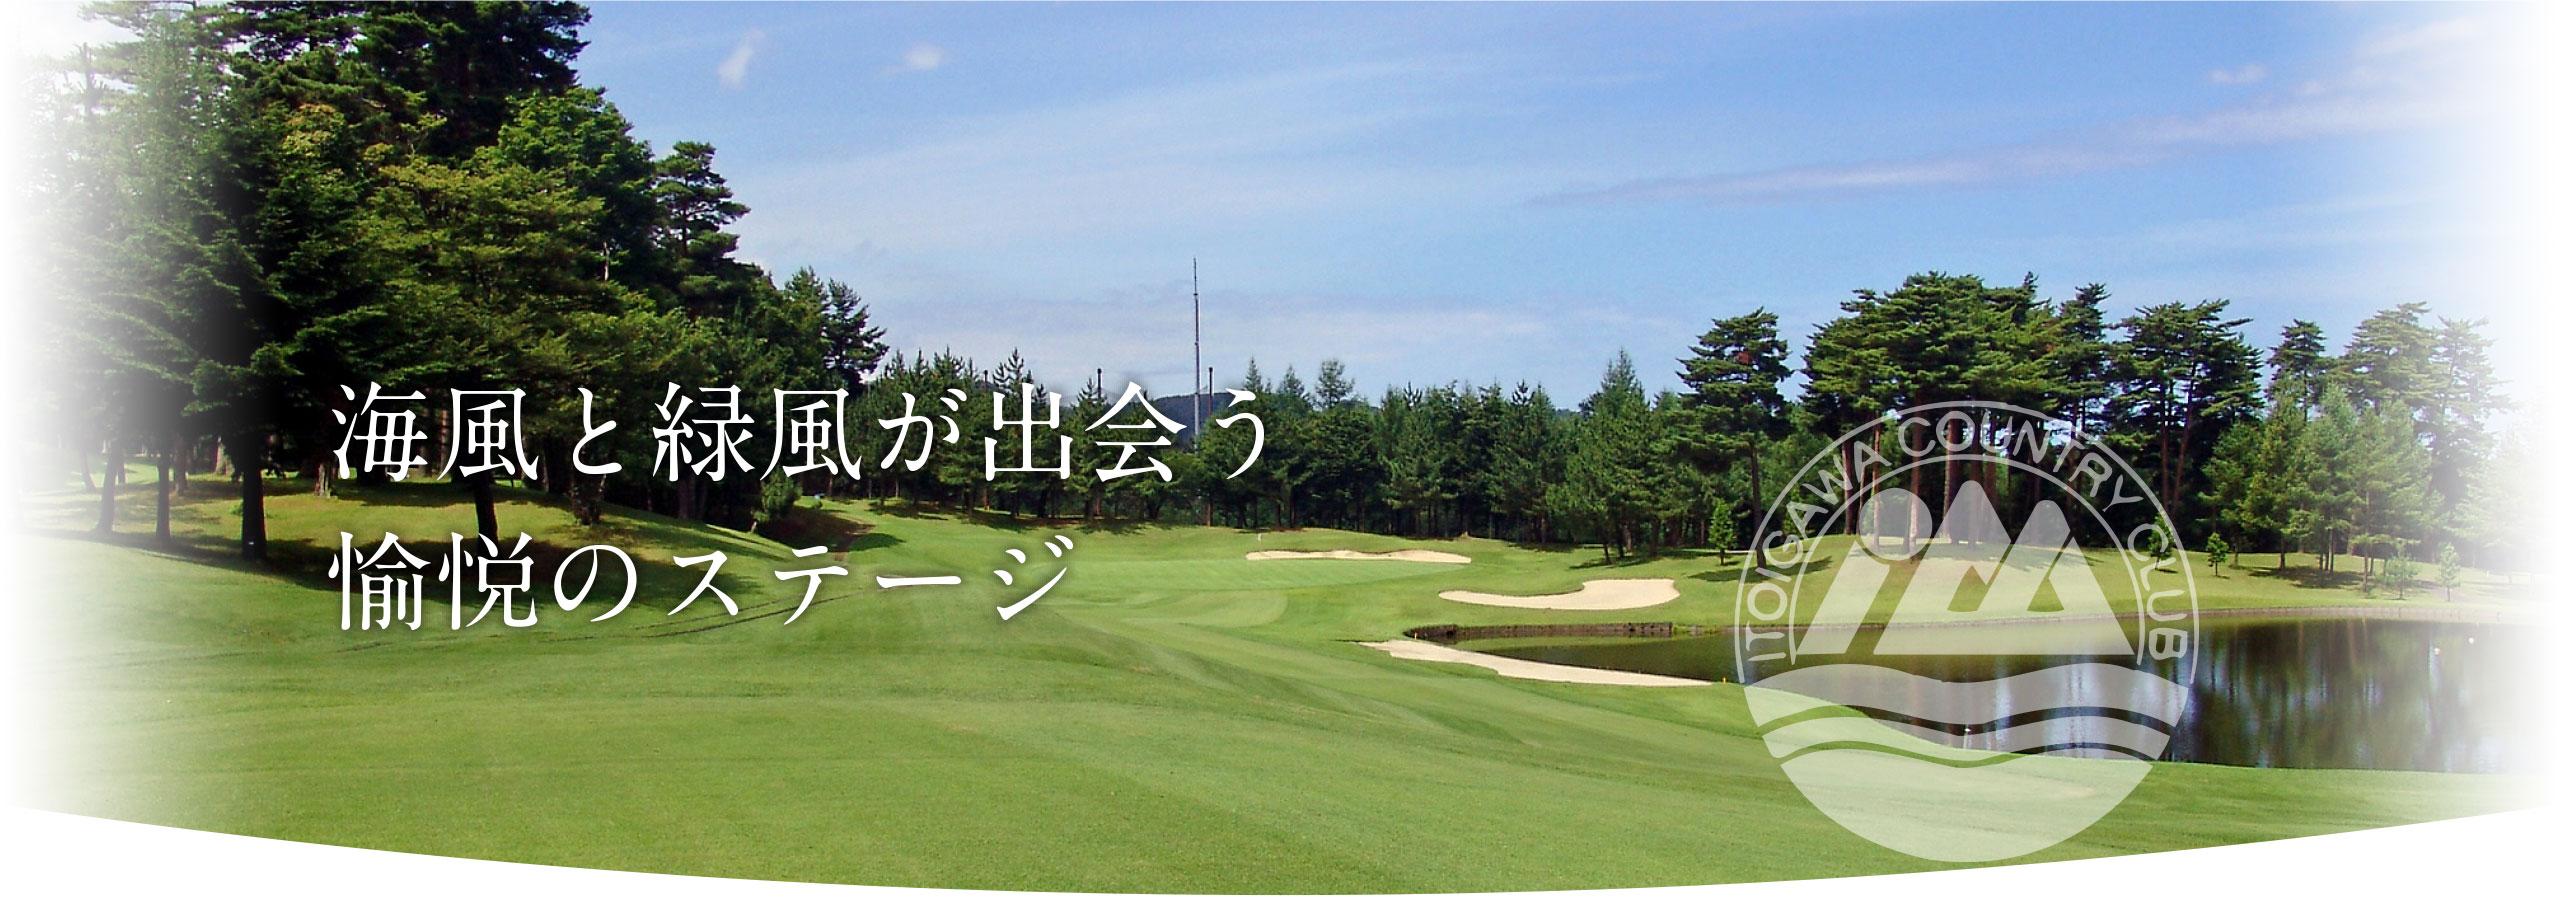 糸魚川カントリークラブ|海風と緑風が出会う愉悦のステージ